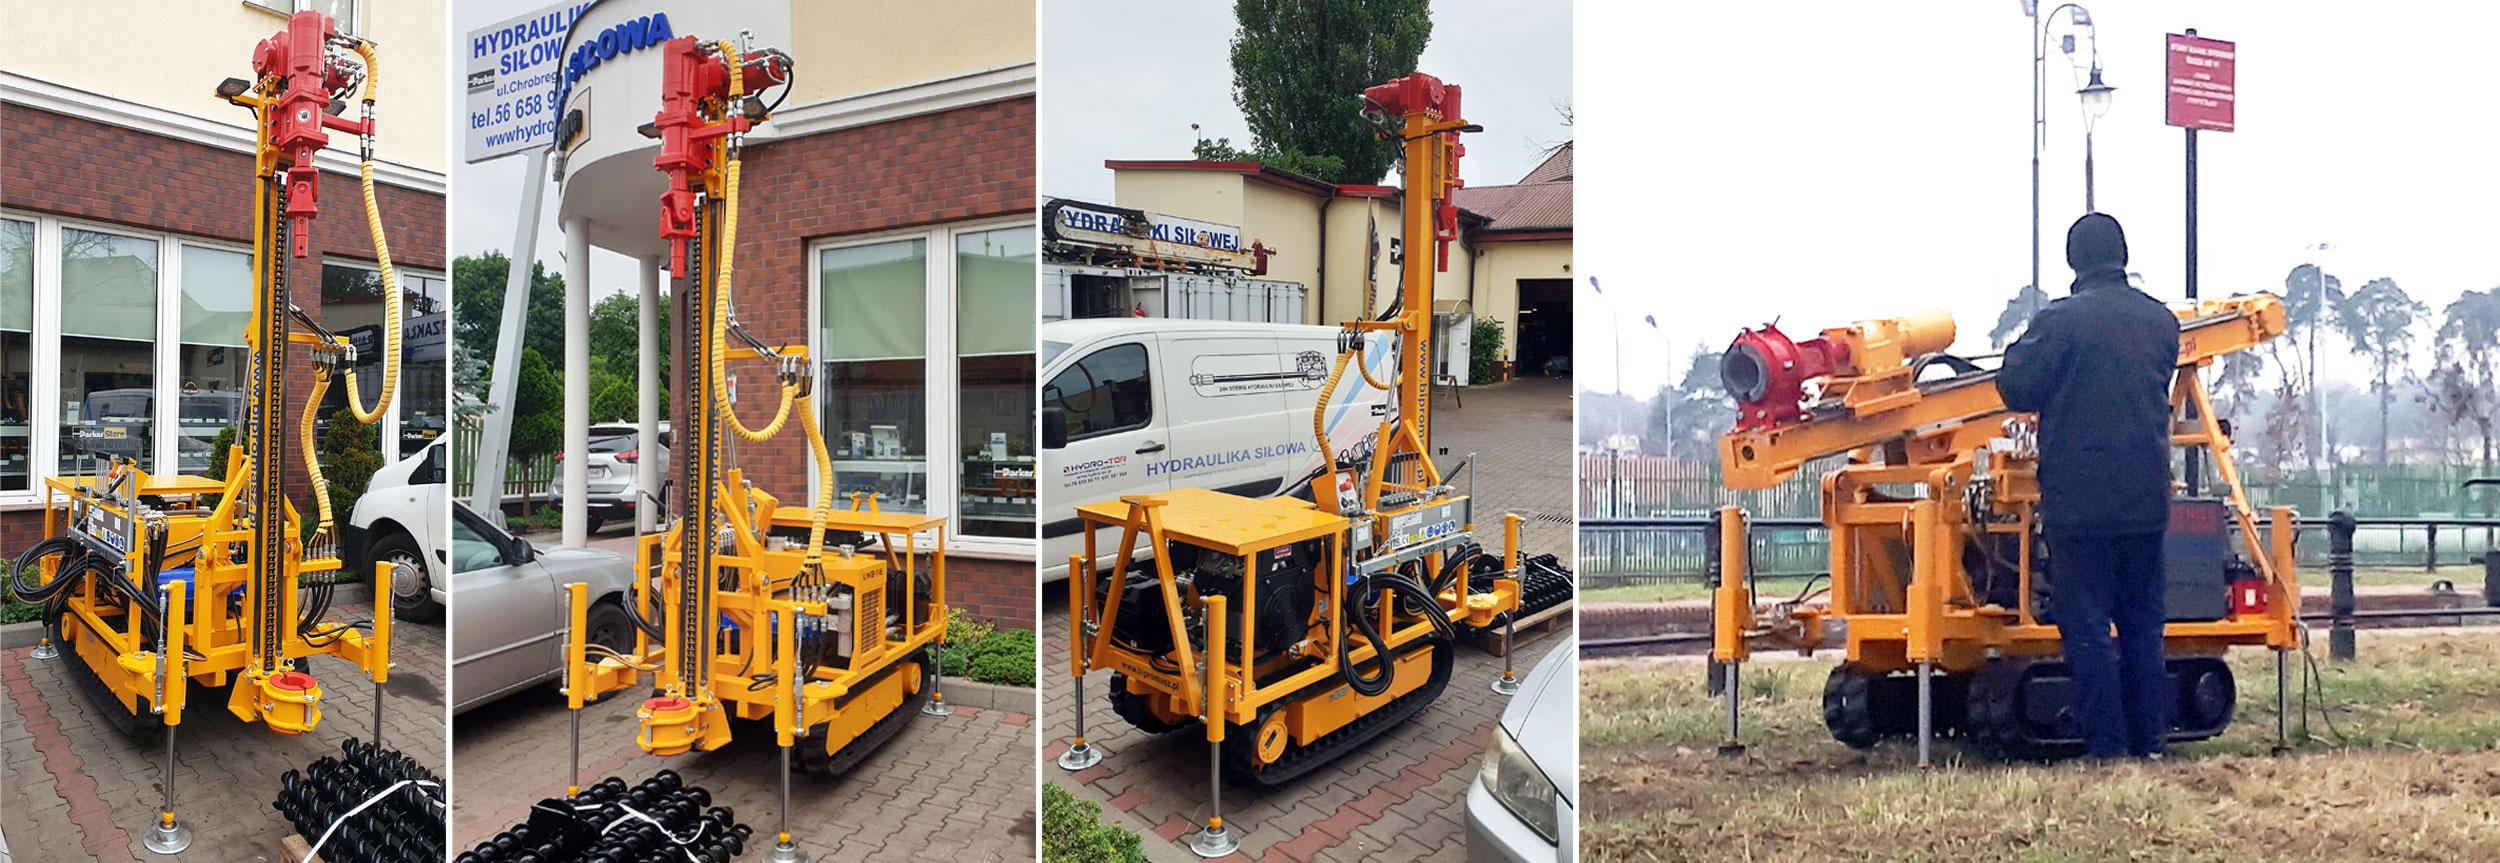 Lekka wiertnica gąsienicowa LWG-16 produkcji firmy Bipromasz - galeria zdjęć